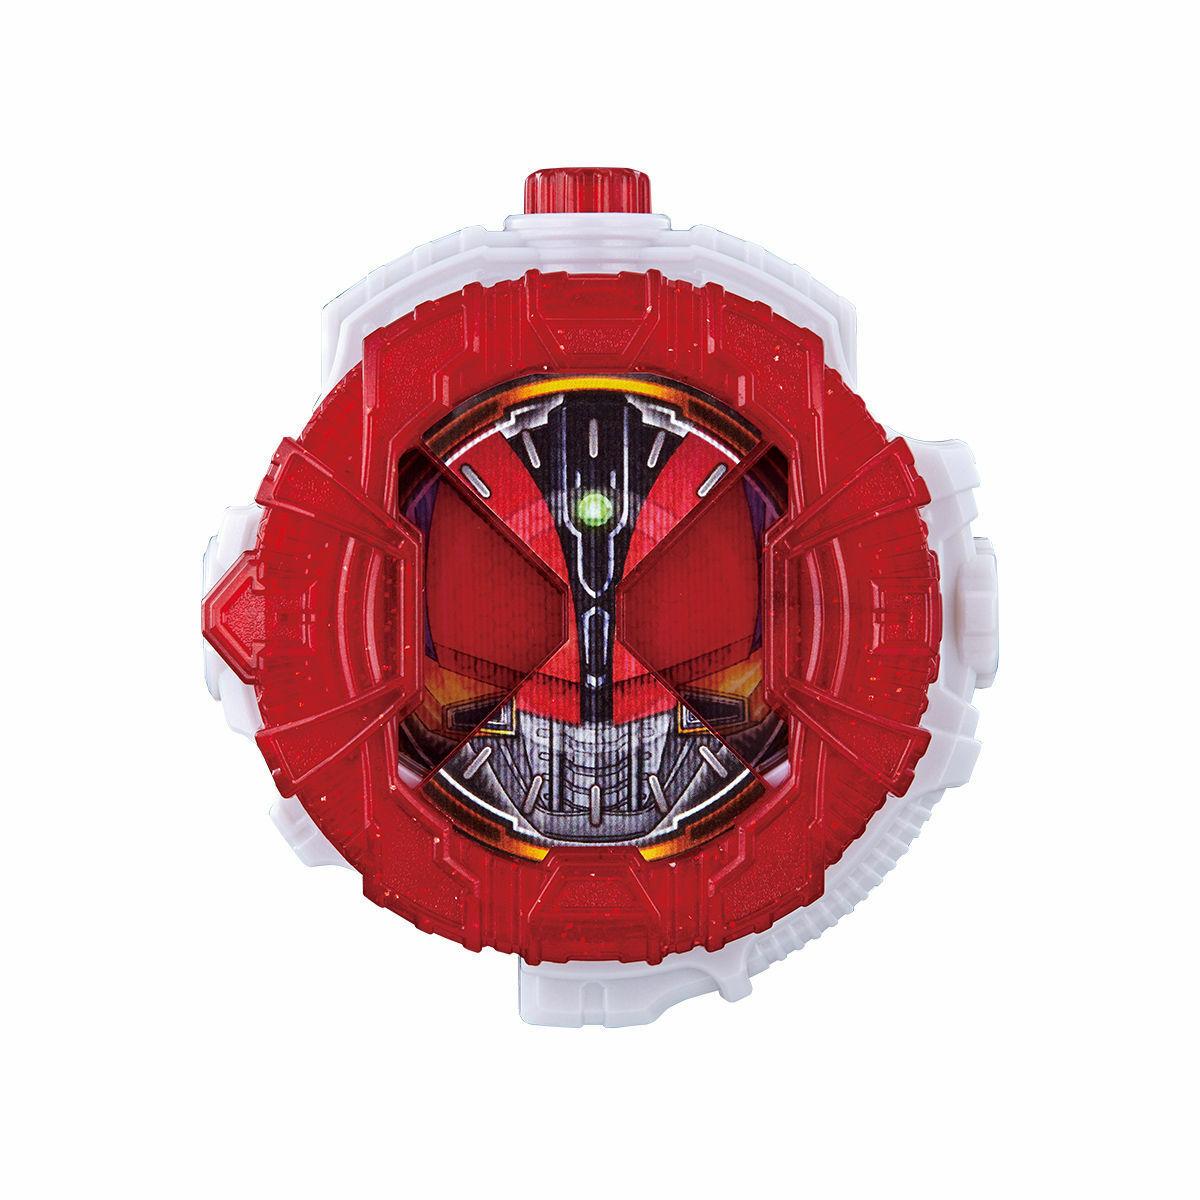 Vorverkauf Neu KaSie Rider Zi-O Dx Den-O Liner Formular Ritt Uhr aus Japan F S